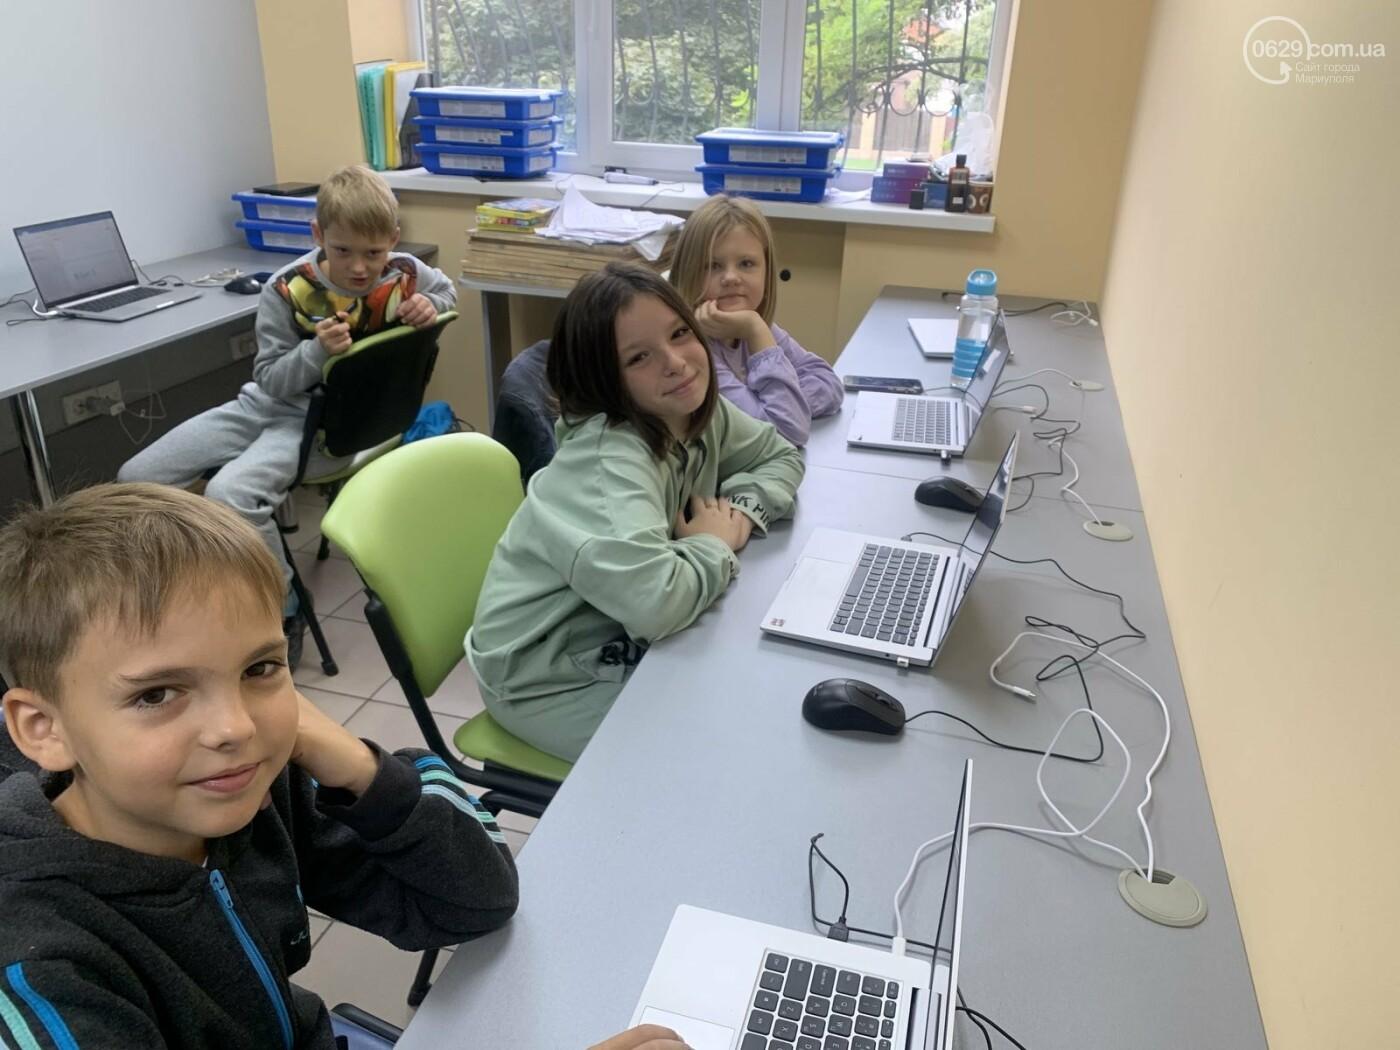 Бесплатные открытые уроки по IT для детей и подростков от BYTE Academy!, фото-1